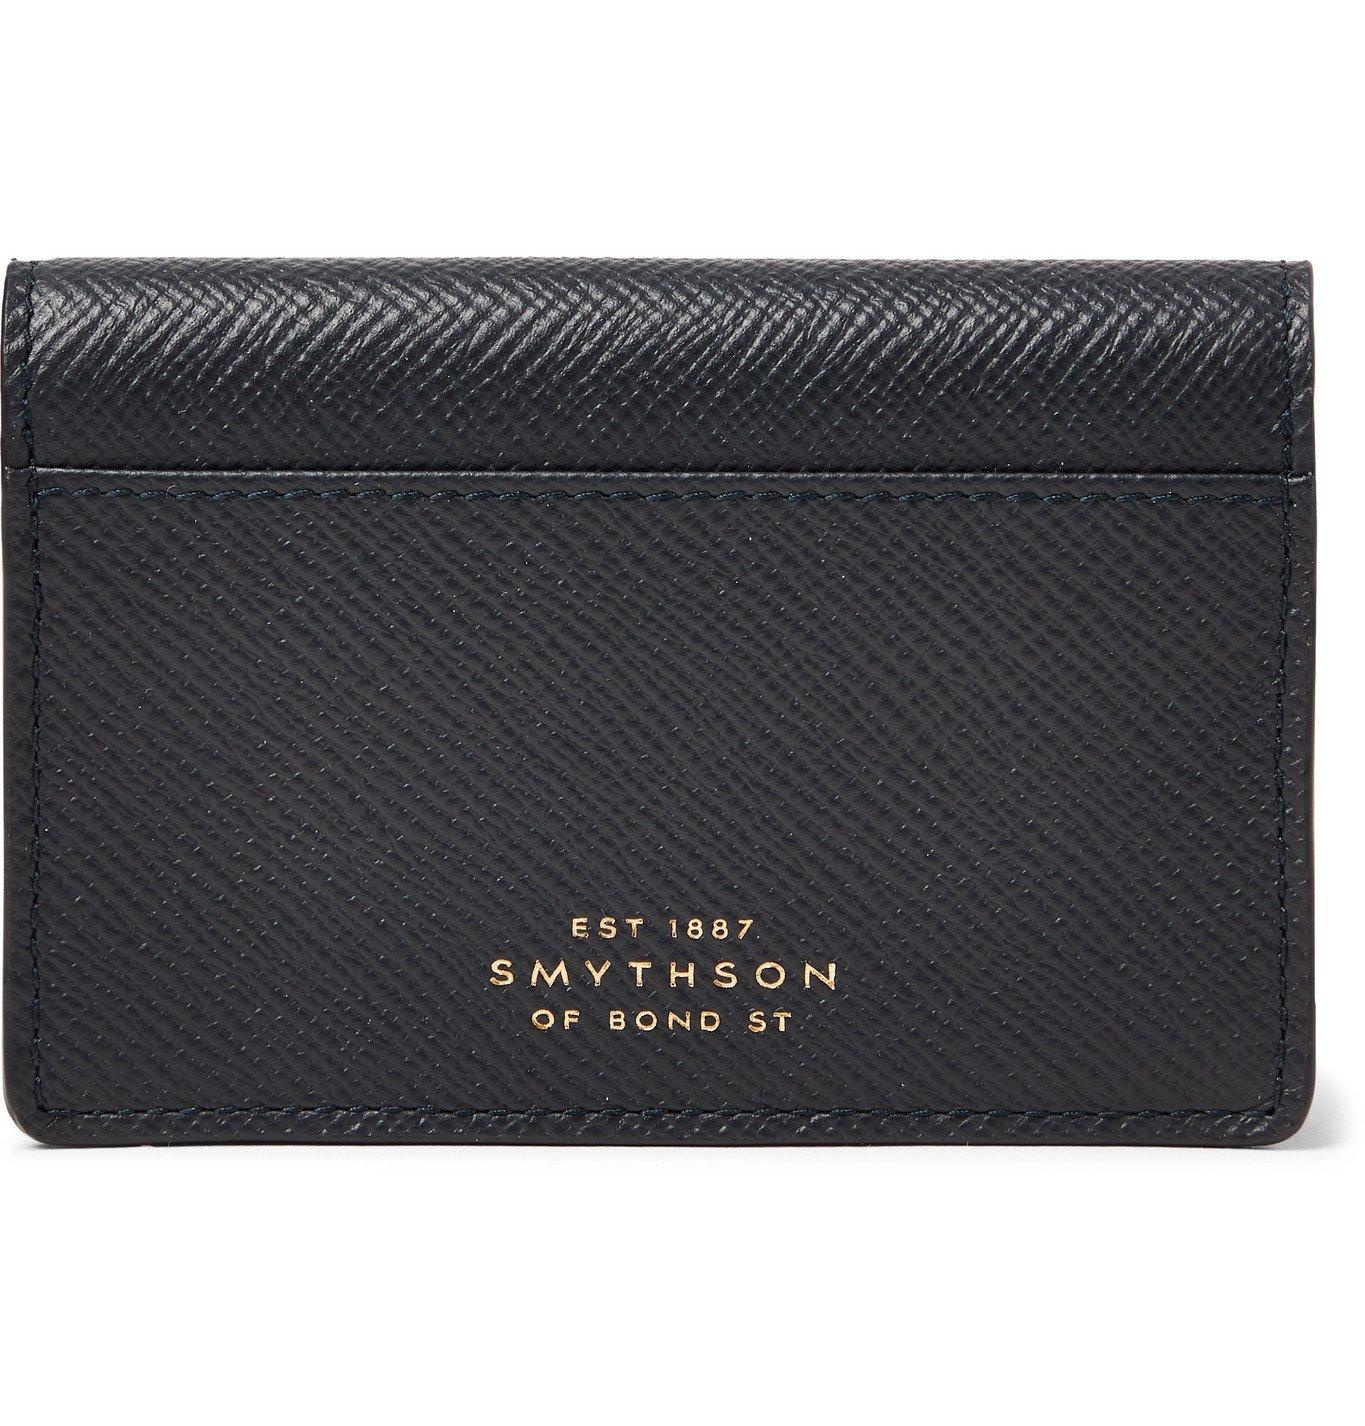 Smythson - Full-Grain Leather Bifold Cardholder - Blue